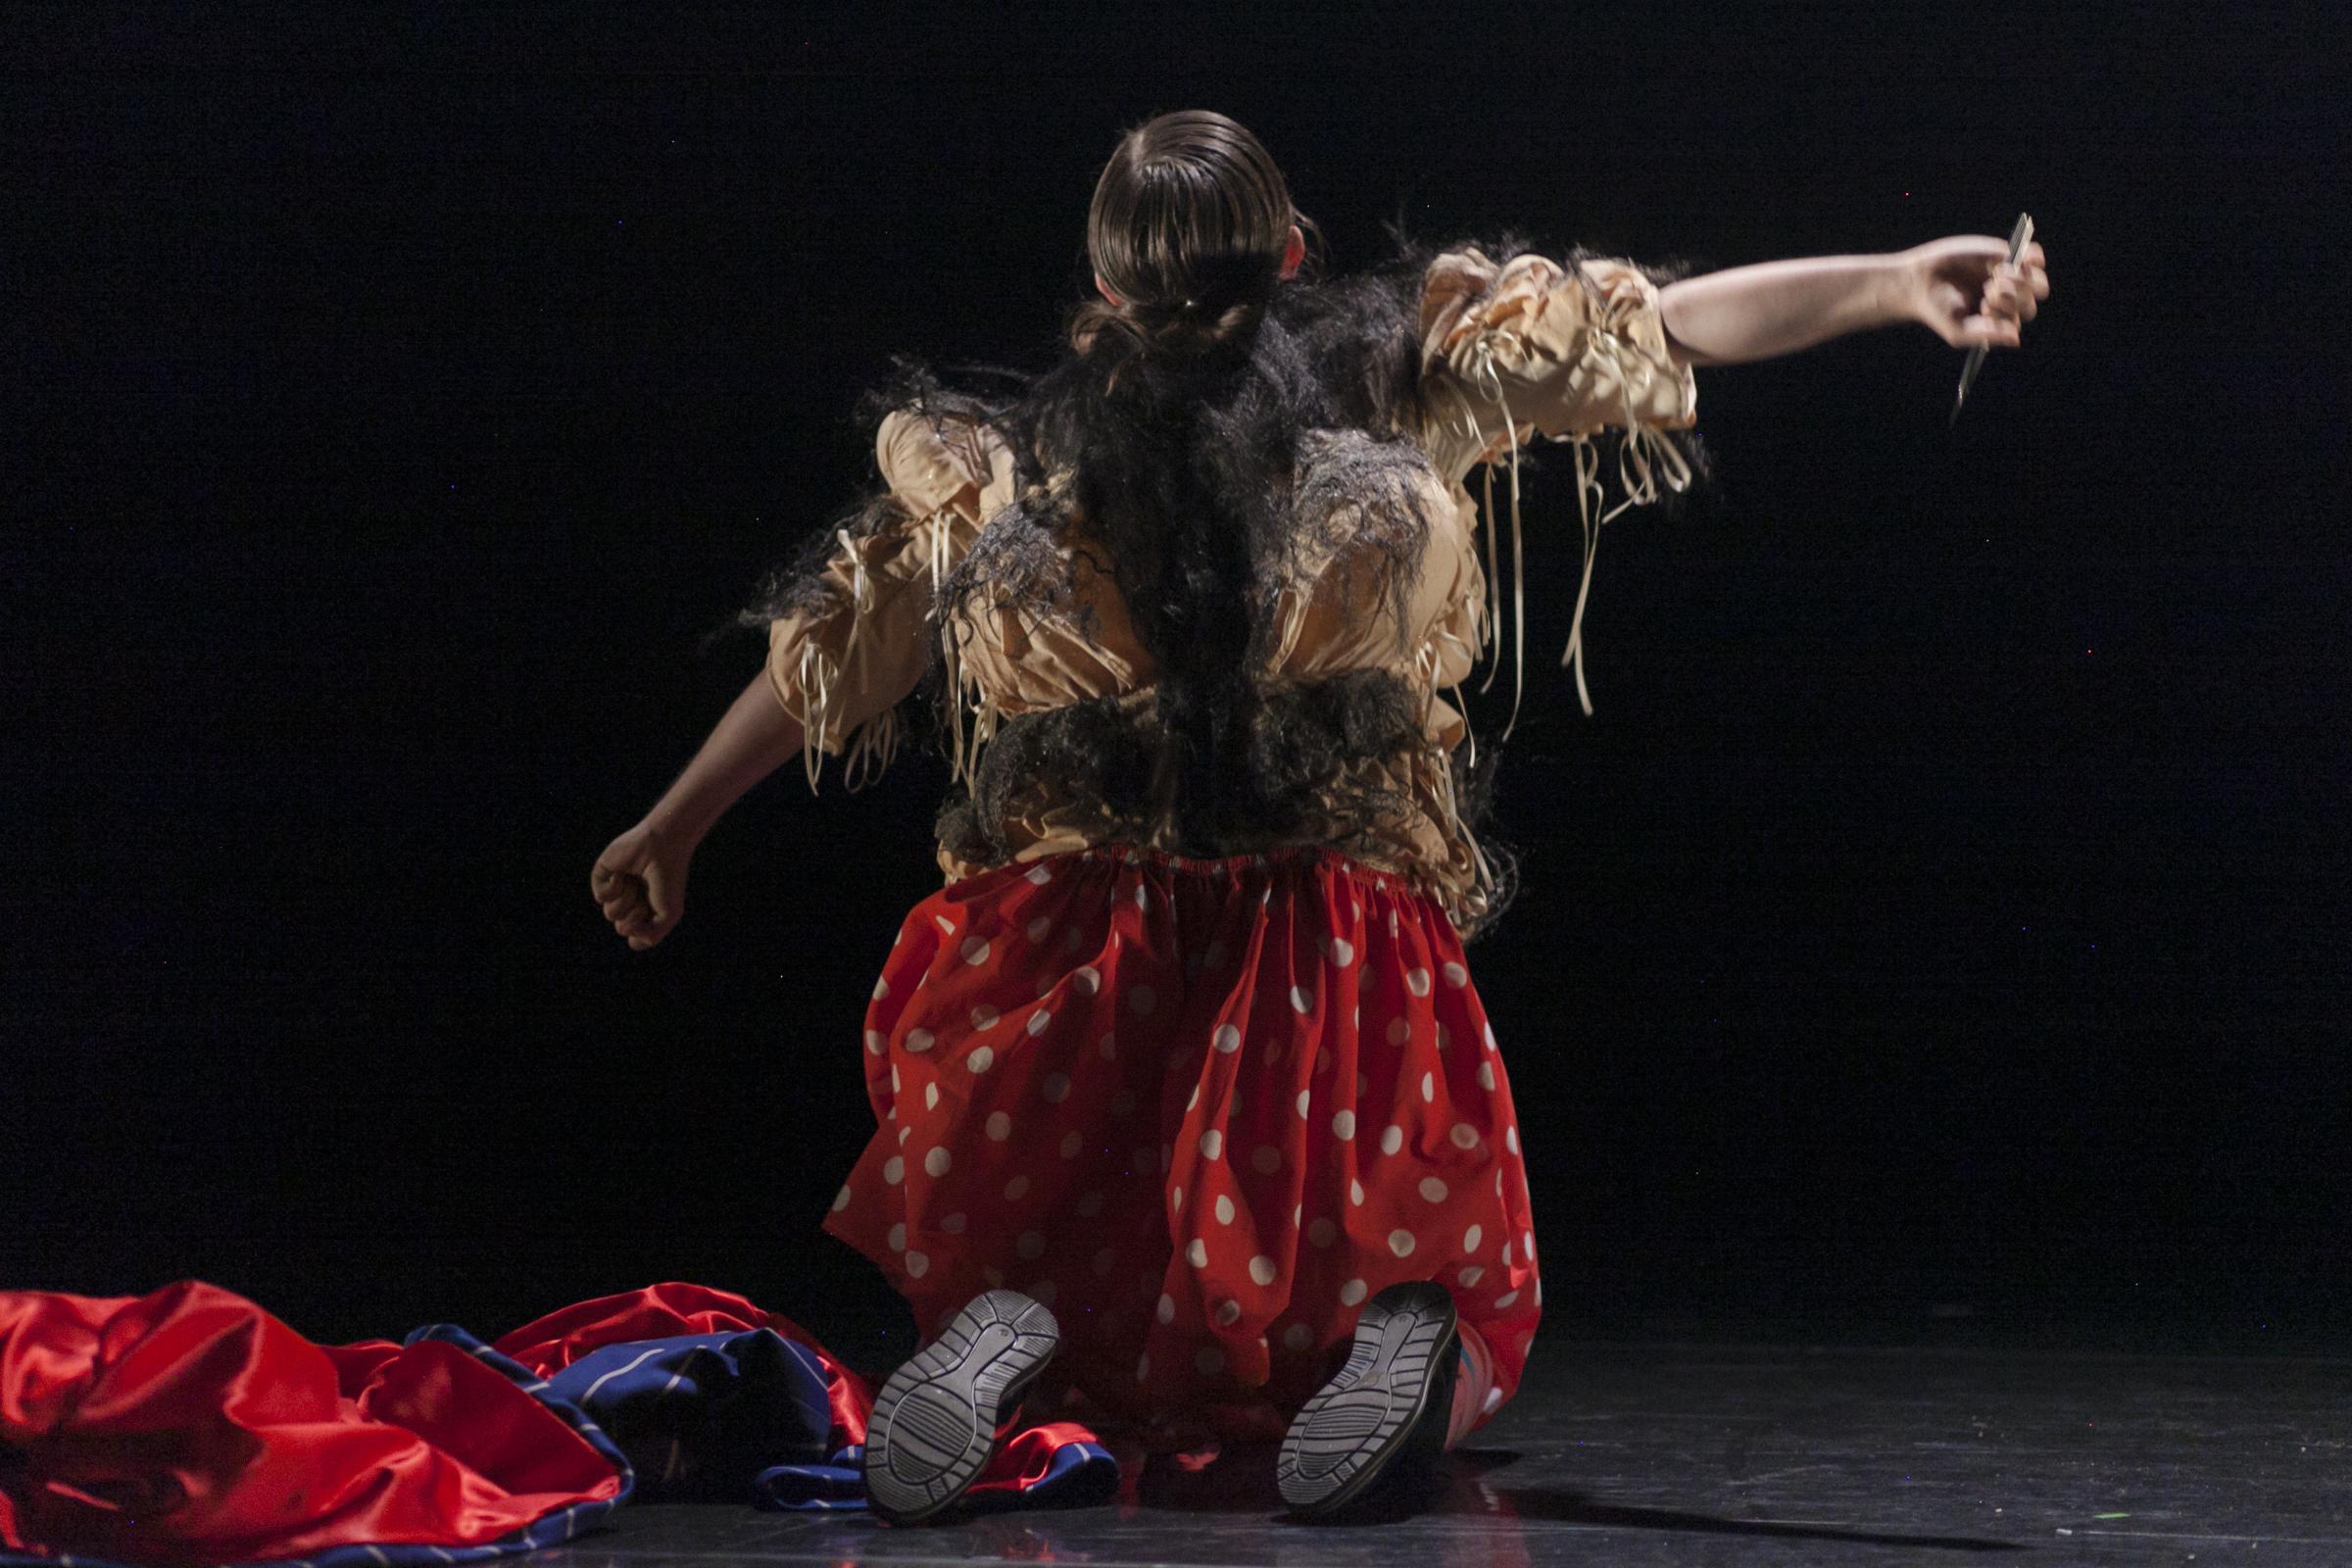 LCFMA19-CostumeShow-OliverTo-51.jpg